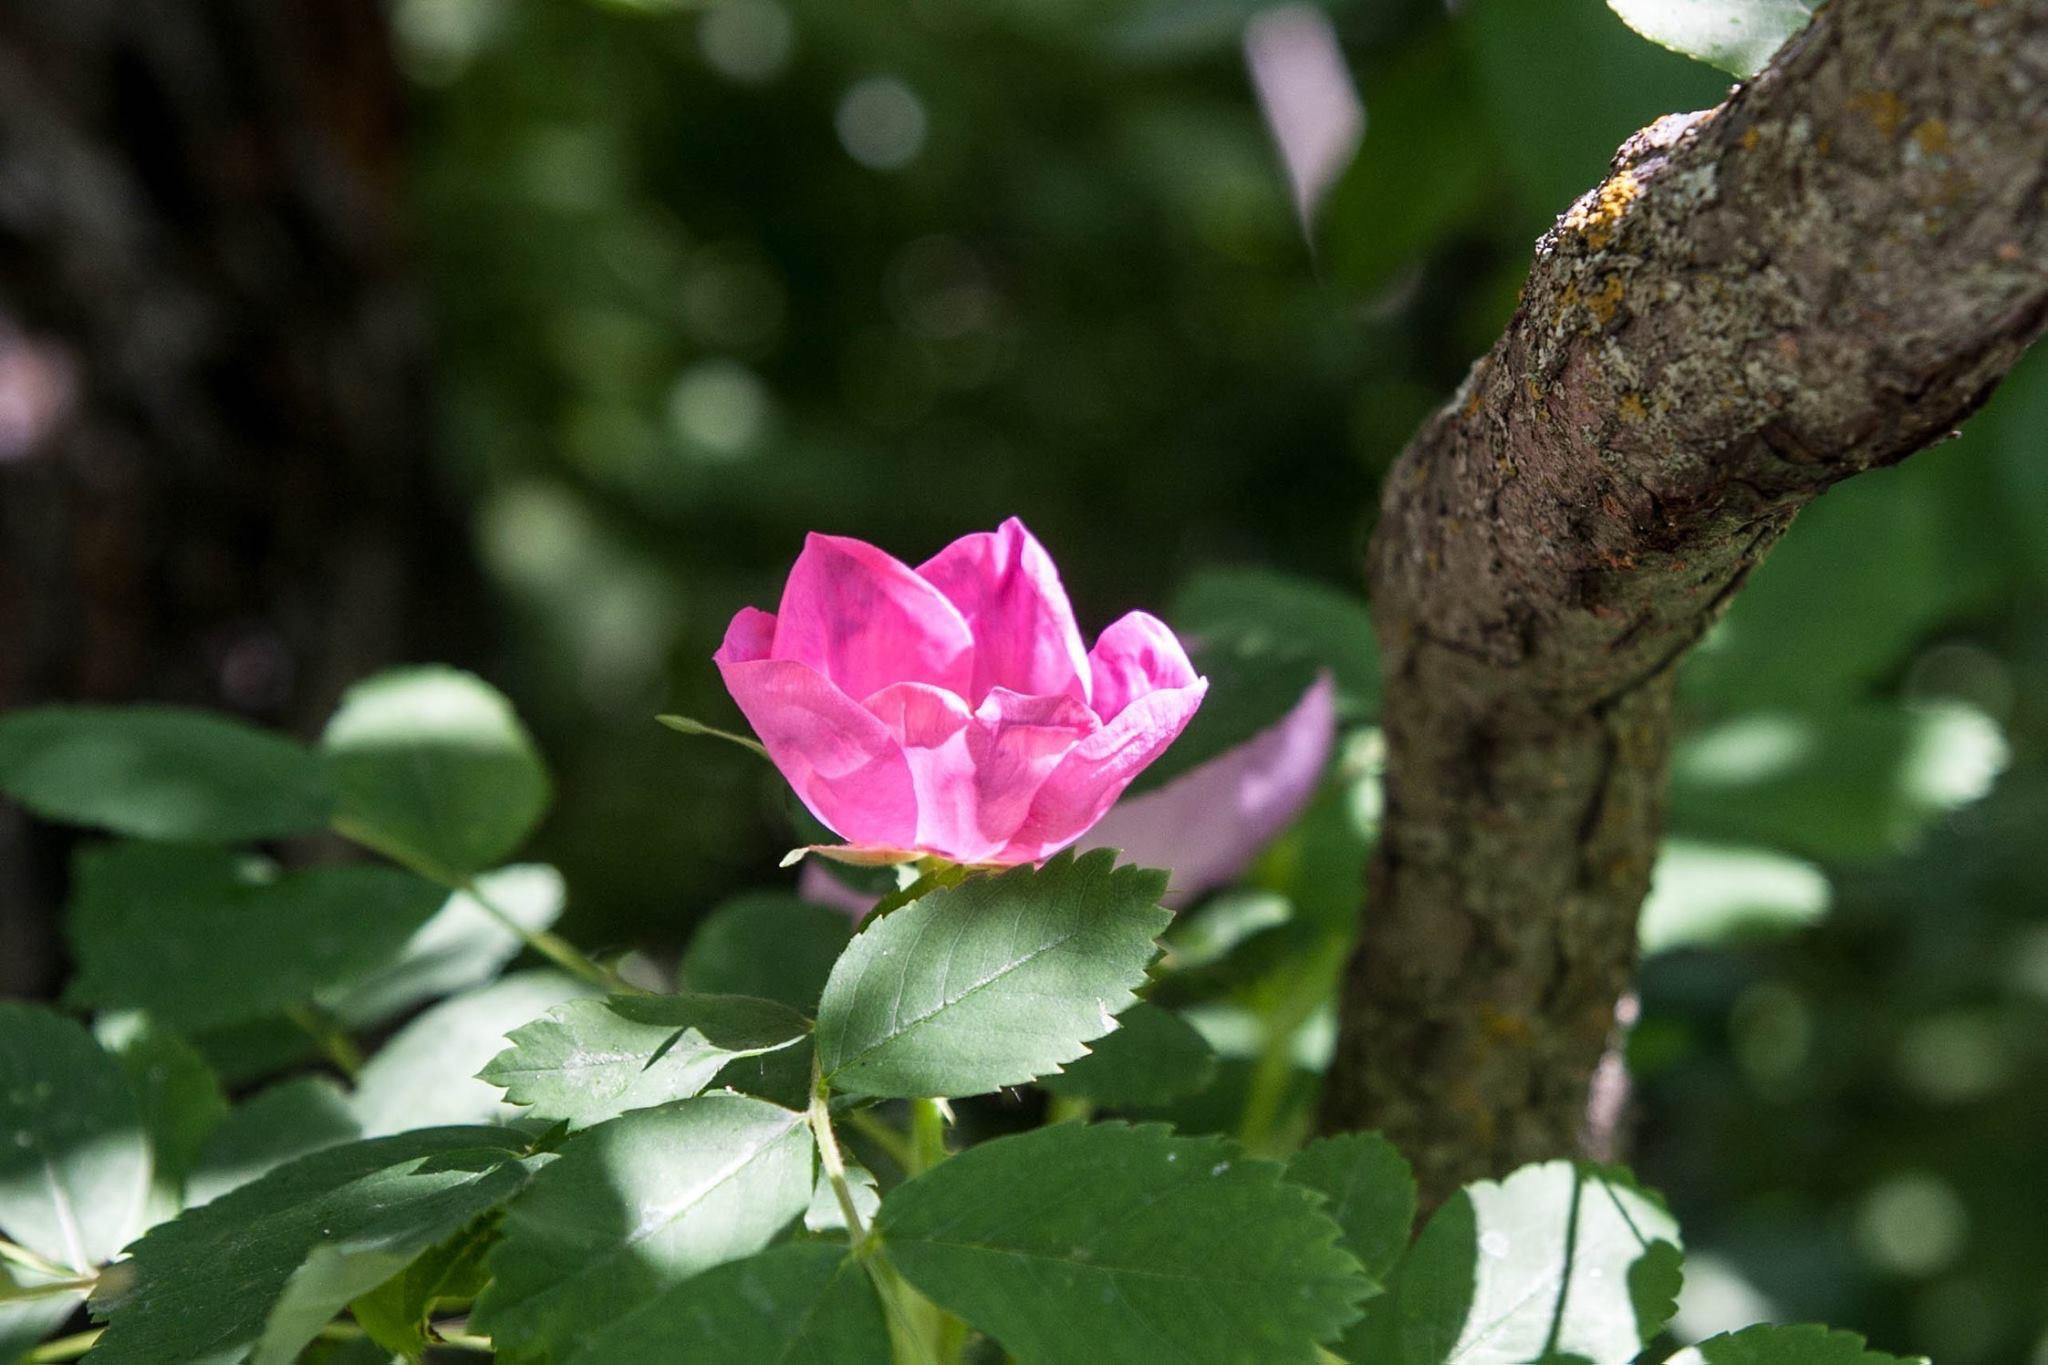 Wild Rose by Paul J Lacroix